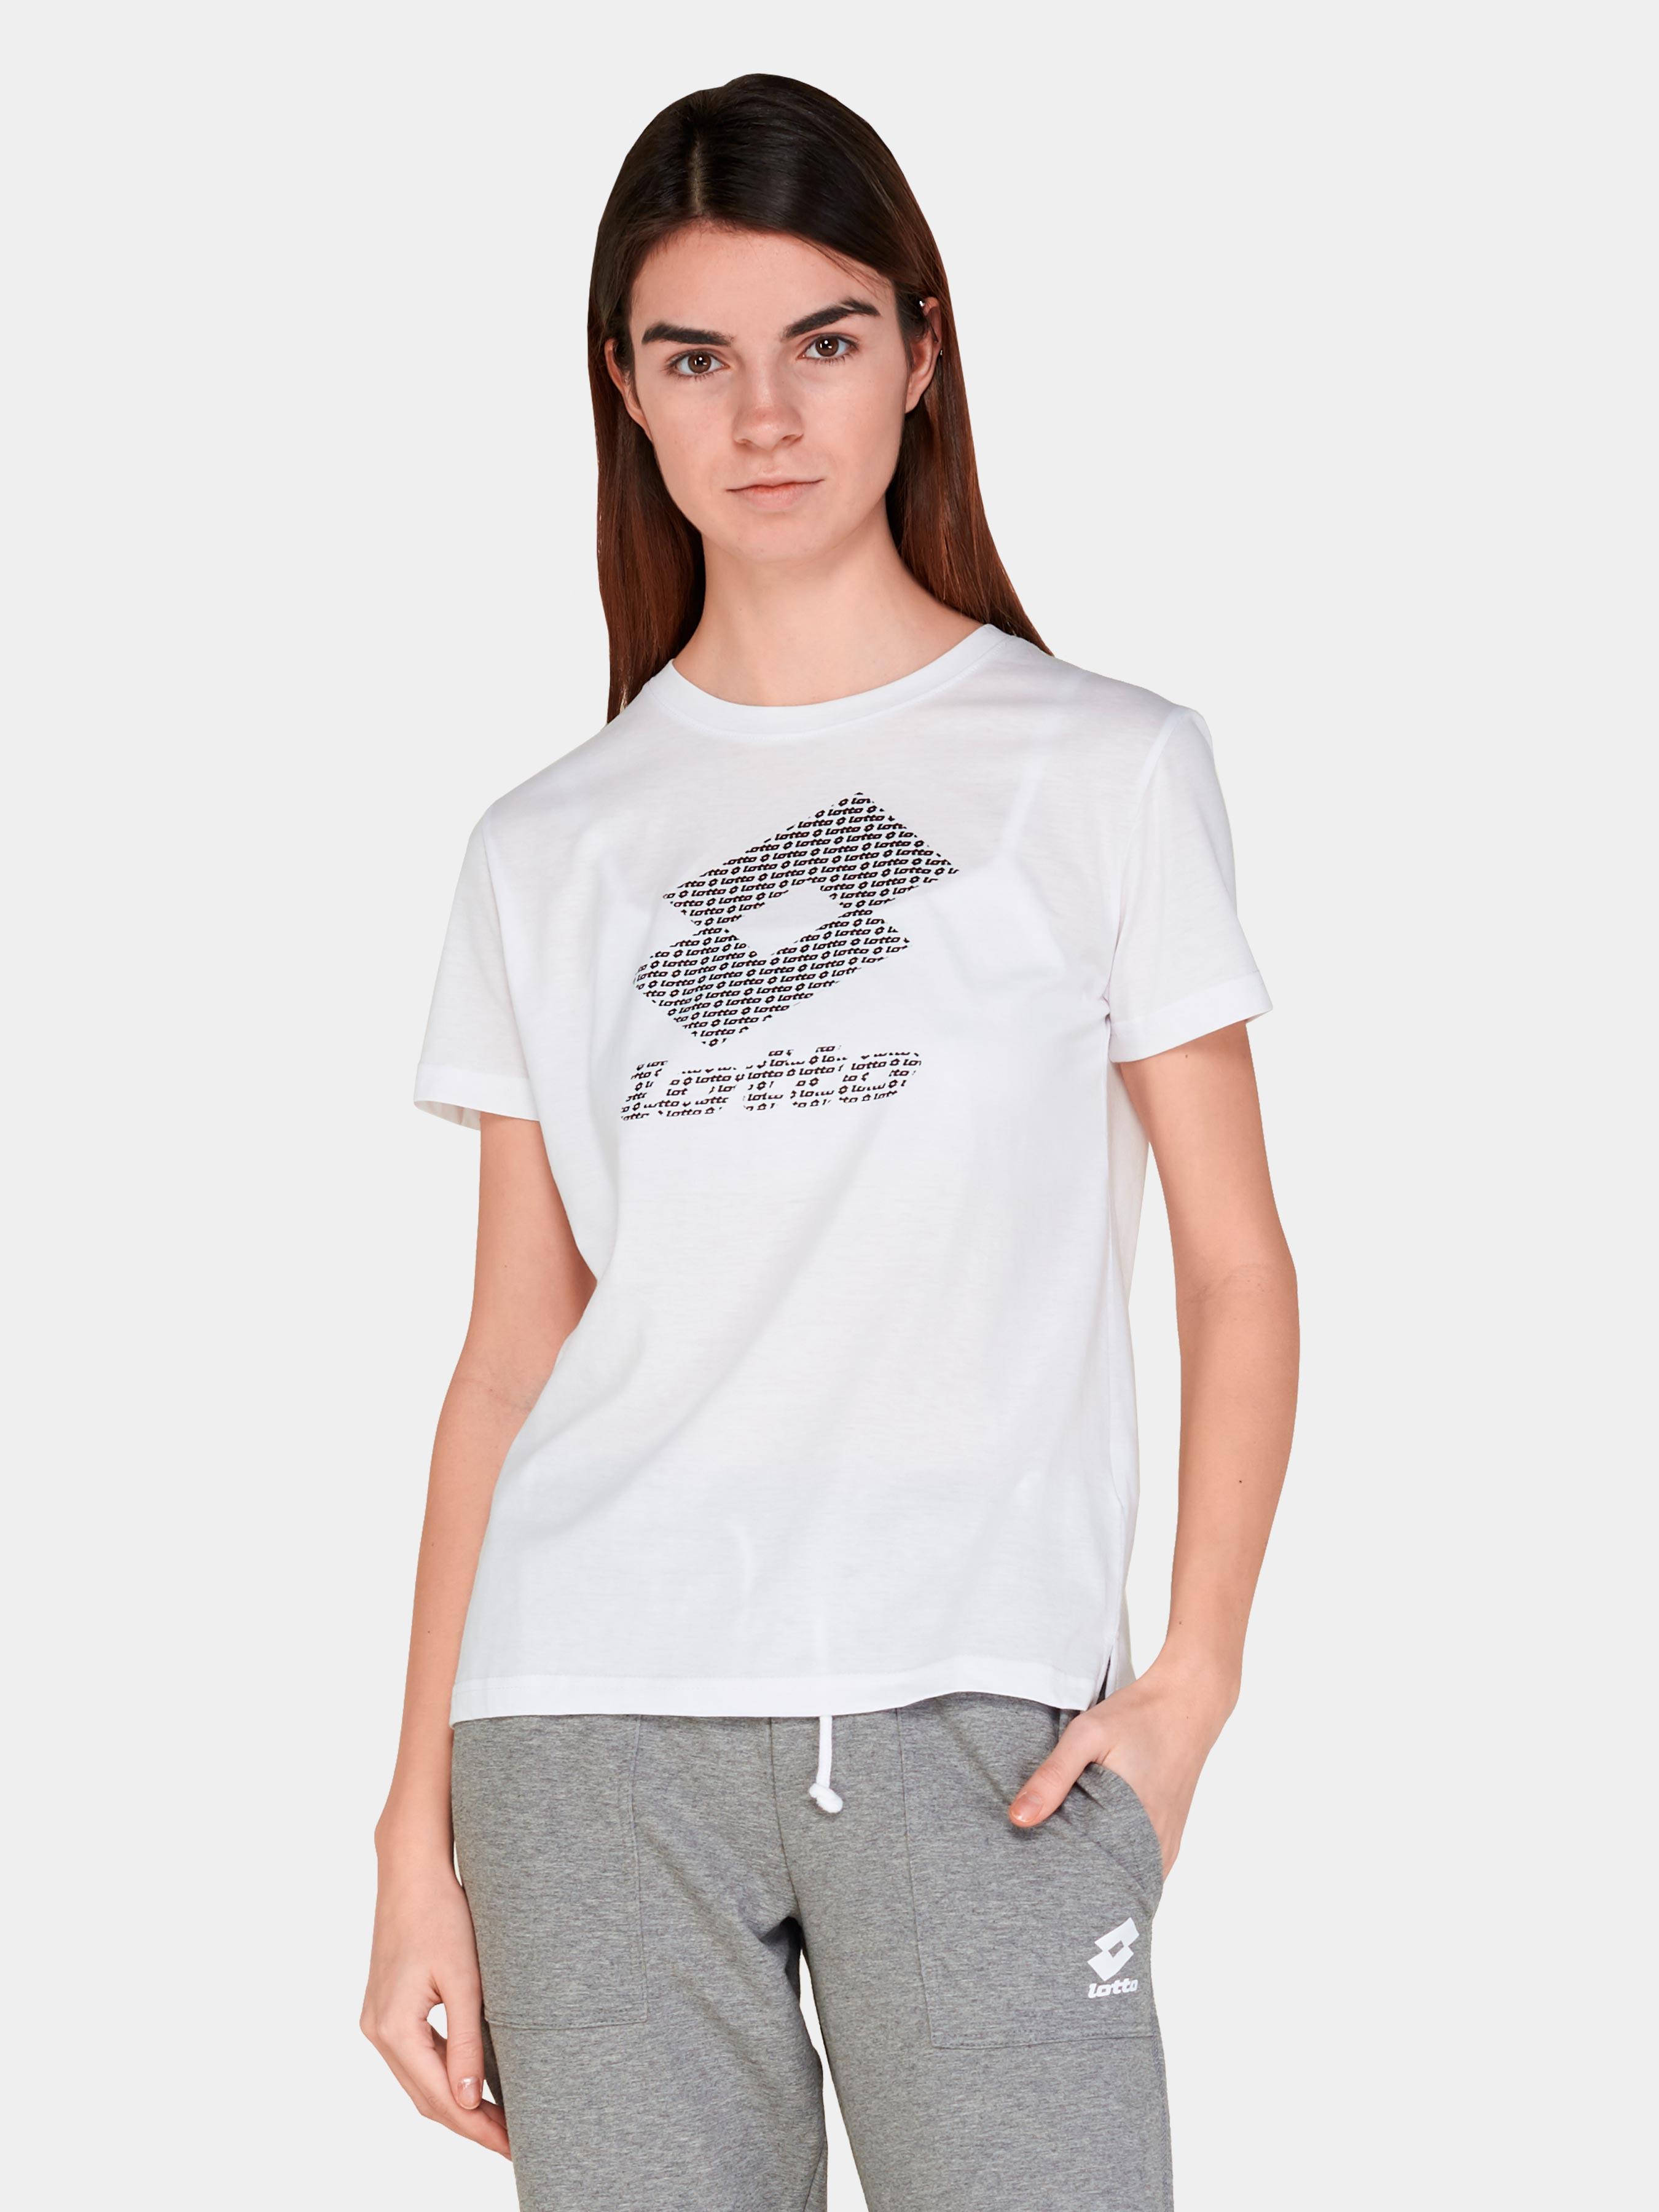 Купить Футболка женская Lotto модель 213300_07R